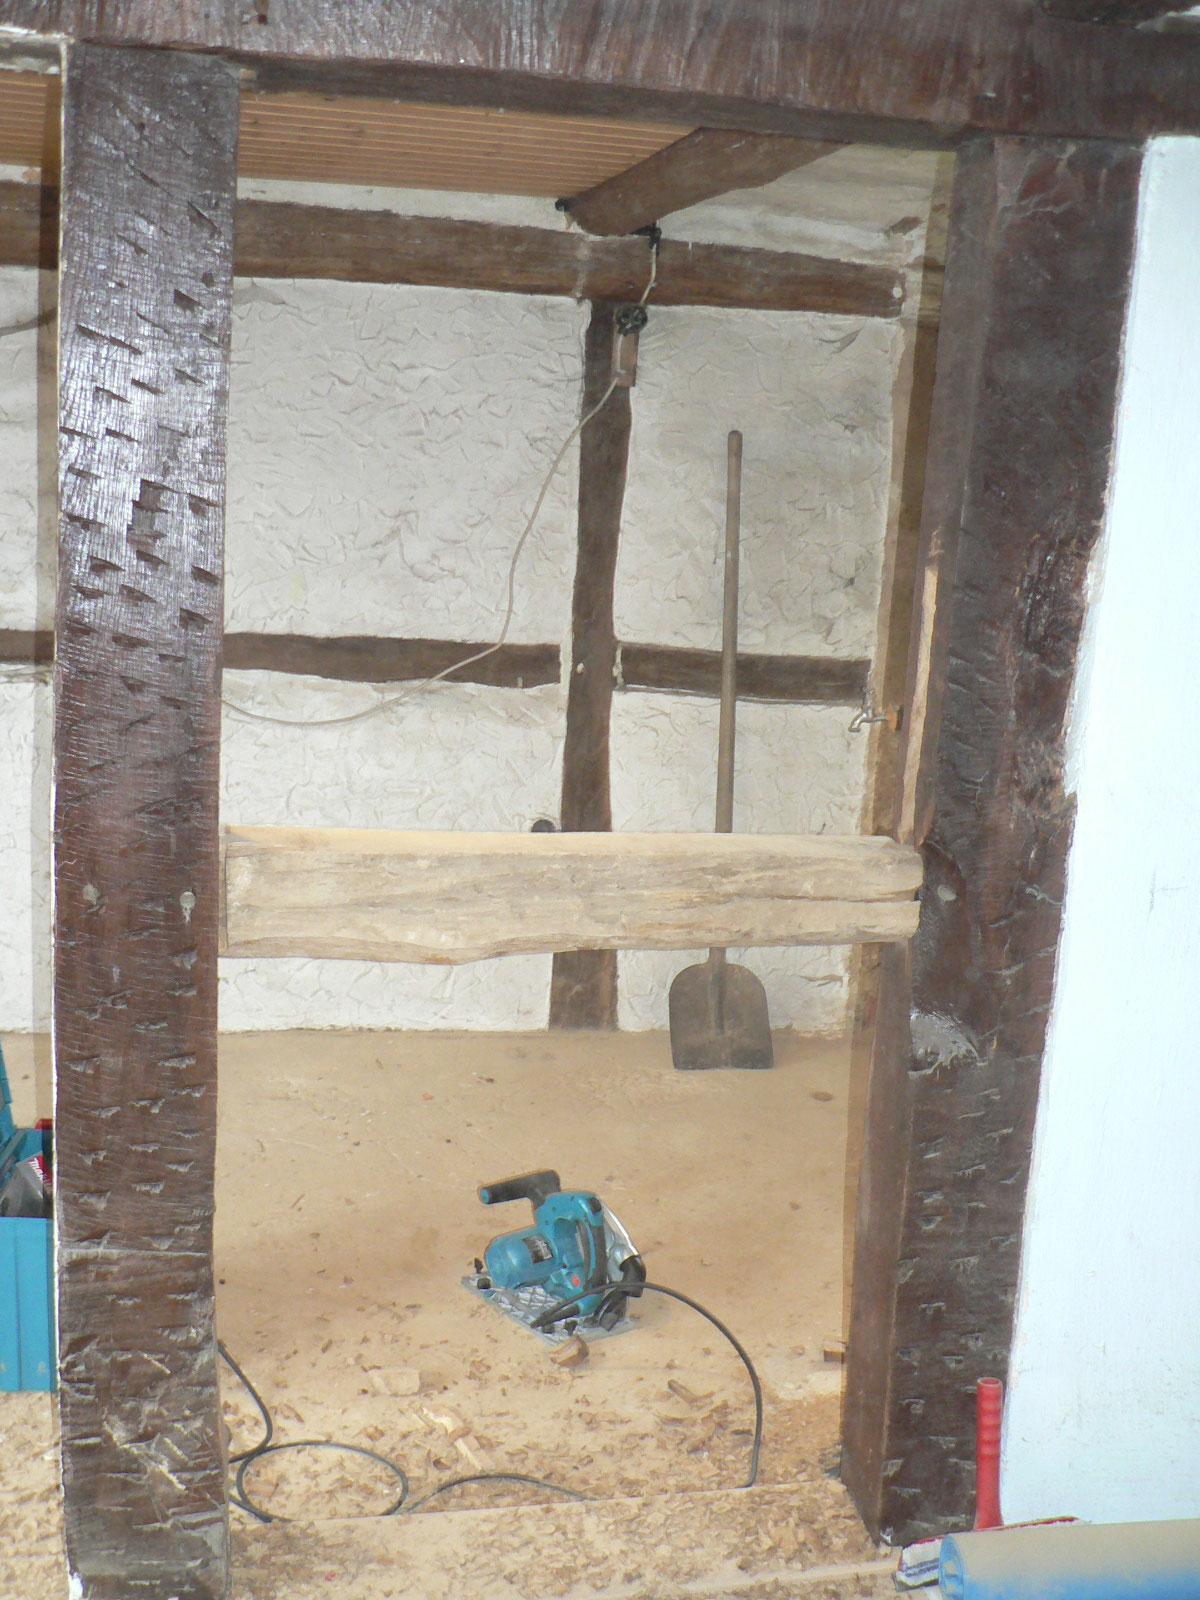 Und, geschafft. Der Querbalken ist an anderer Stelle wieder eingesetzt worden, damit das Bad 150cm länger wird.